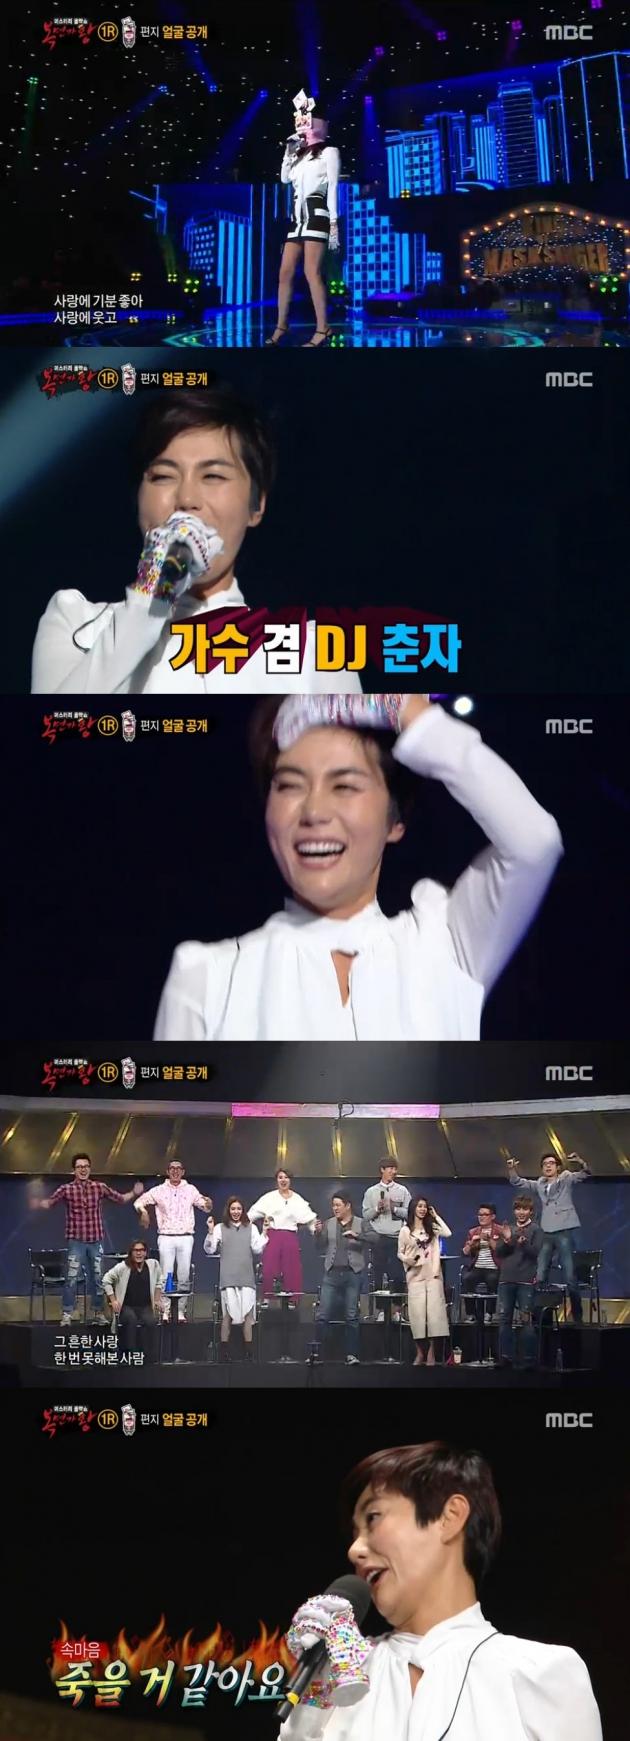 '복면가왕' 편지 / '복면가왕' 편지 사진=MBC 방송 캡처